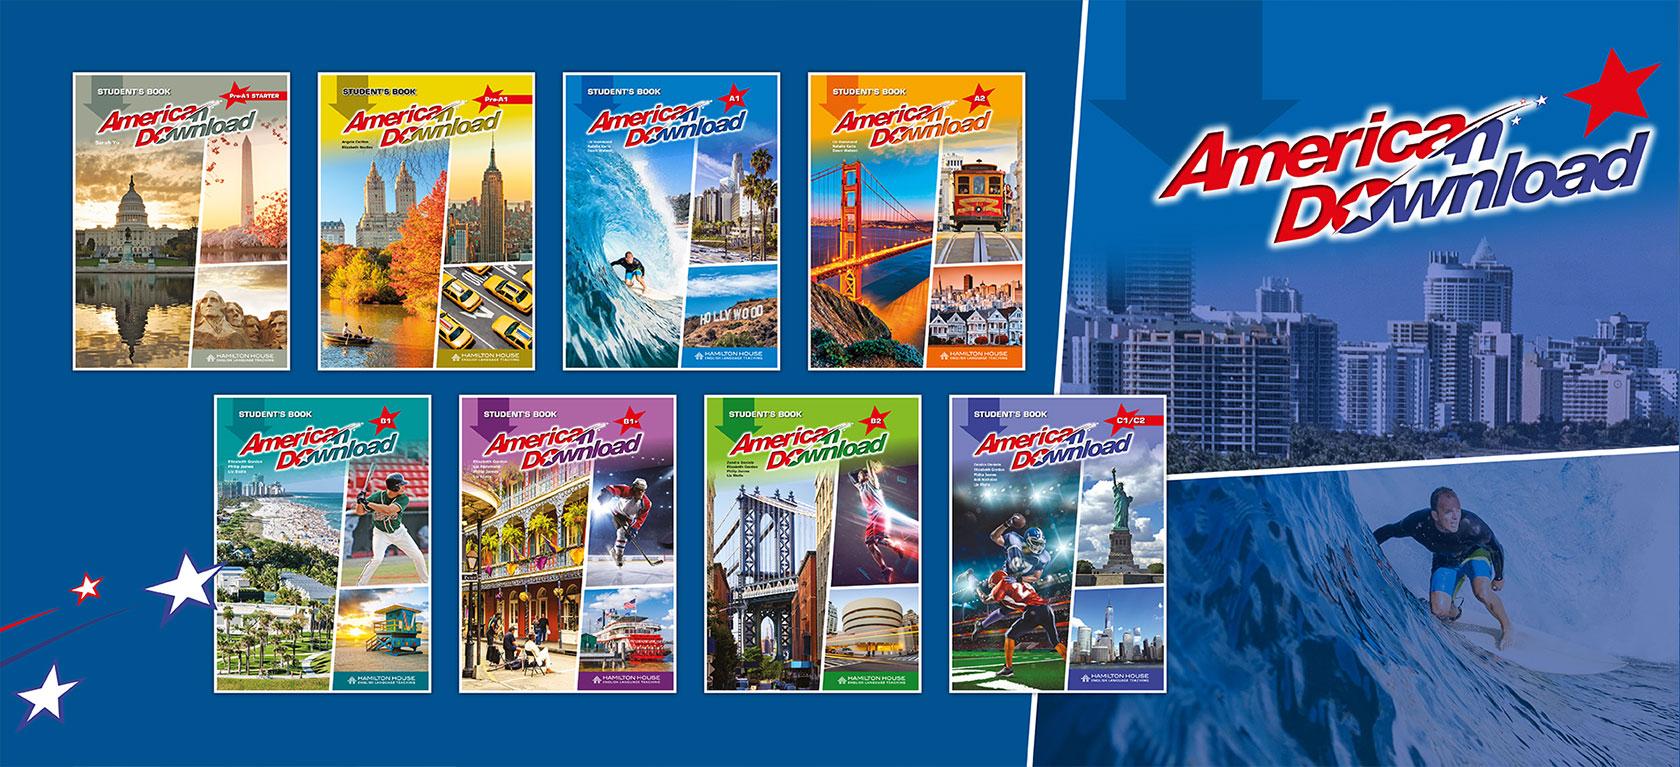 American Download Hamilton books